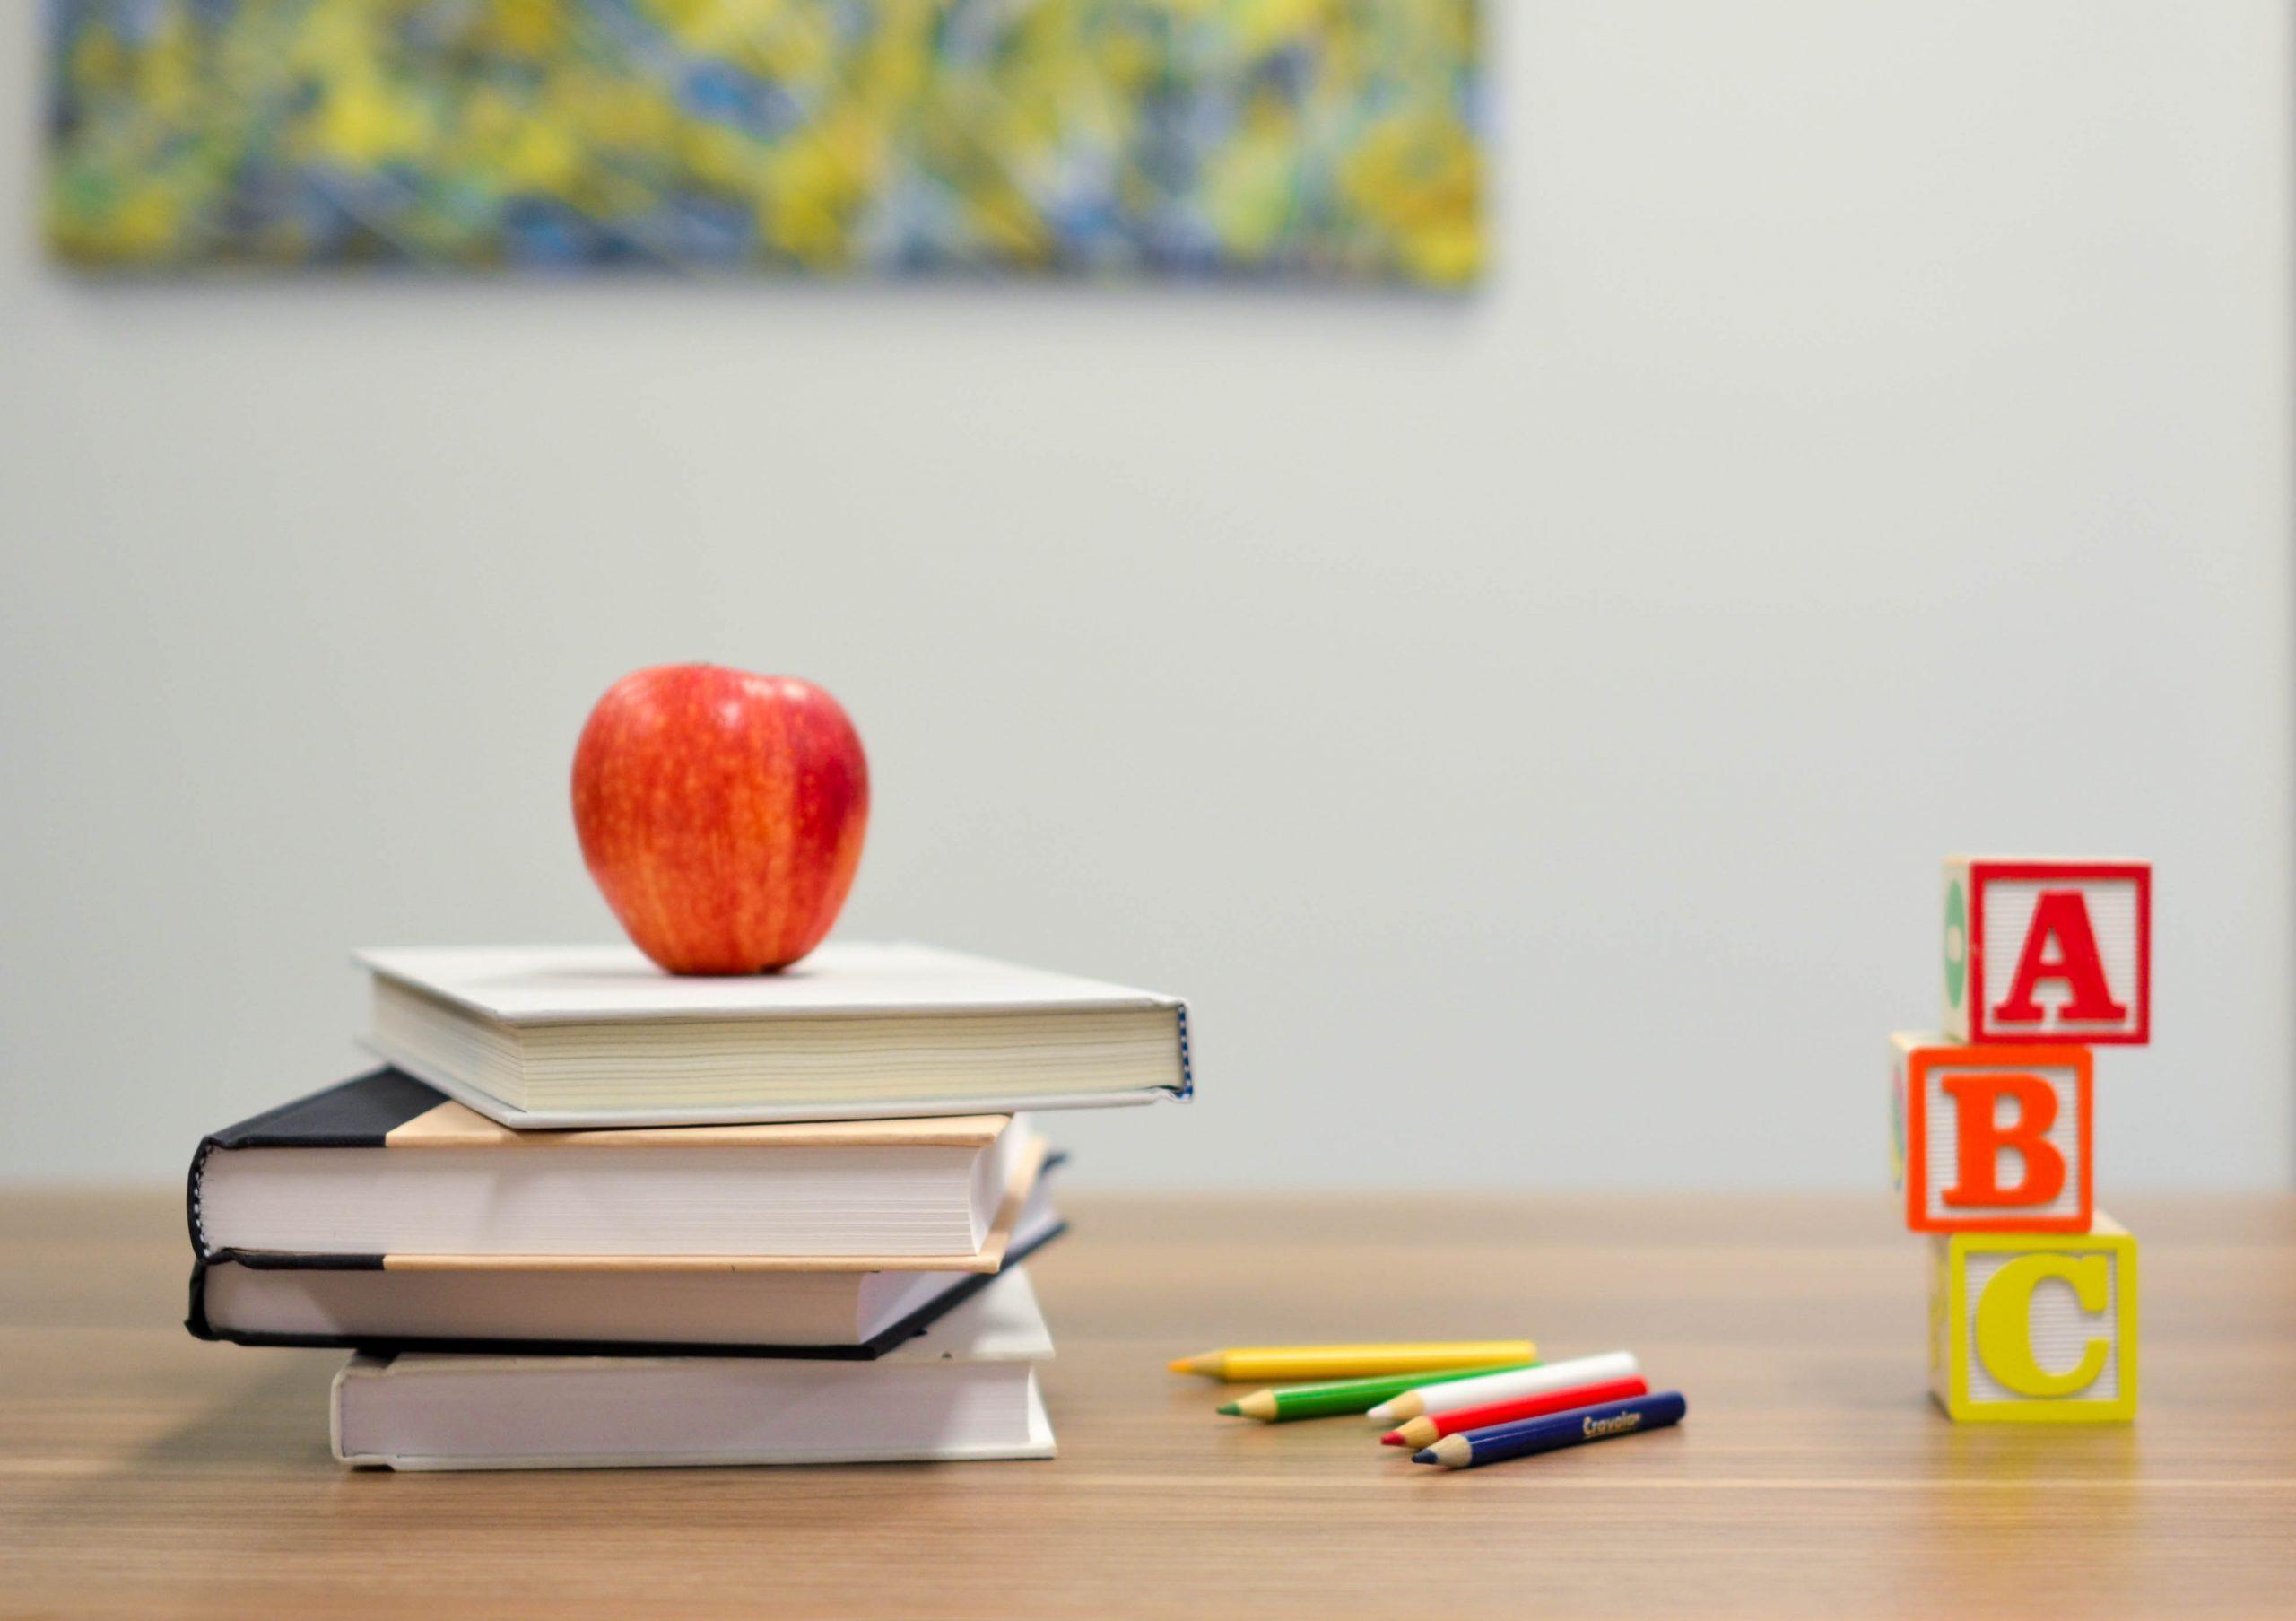 ensino livros maca lapis escola